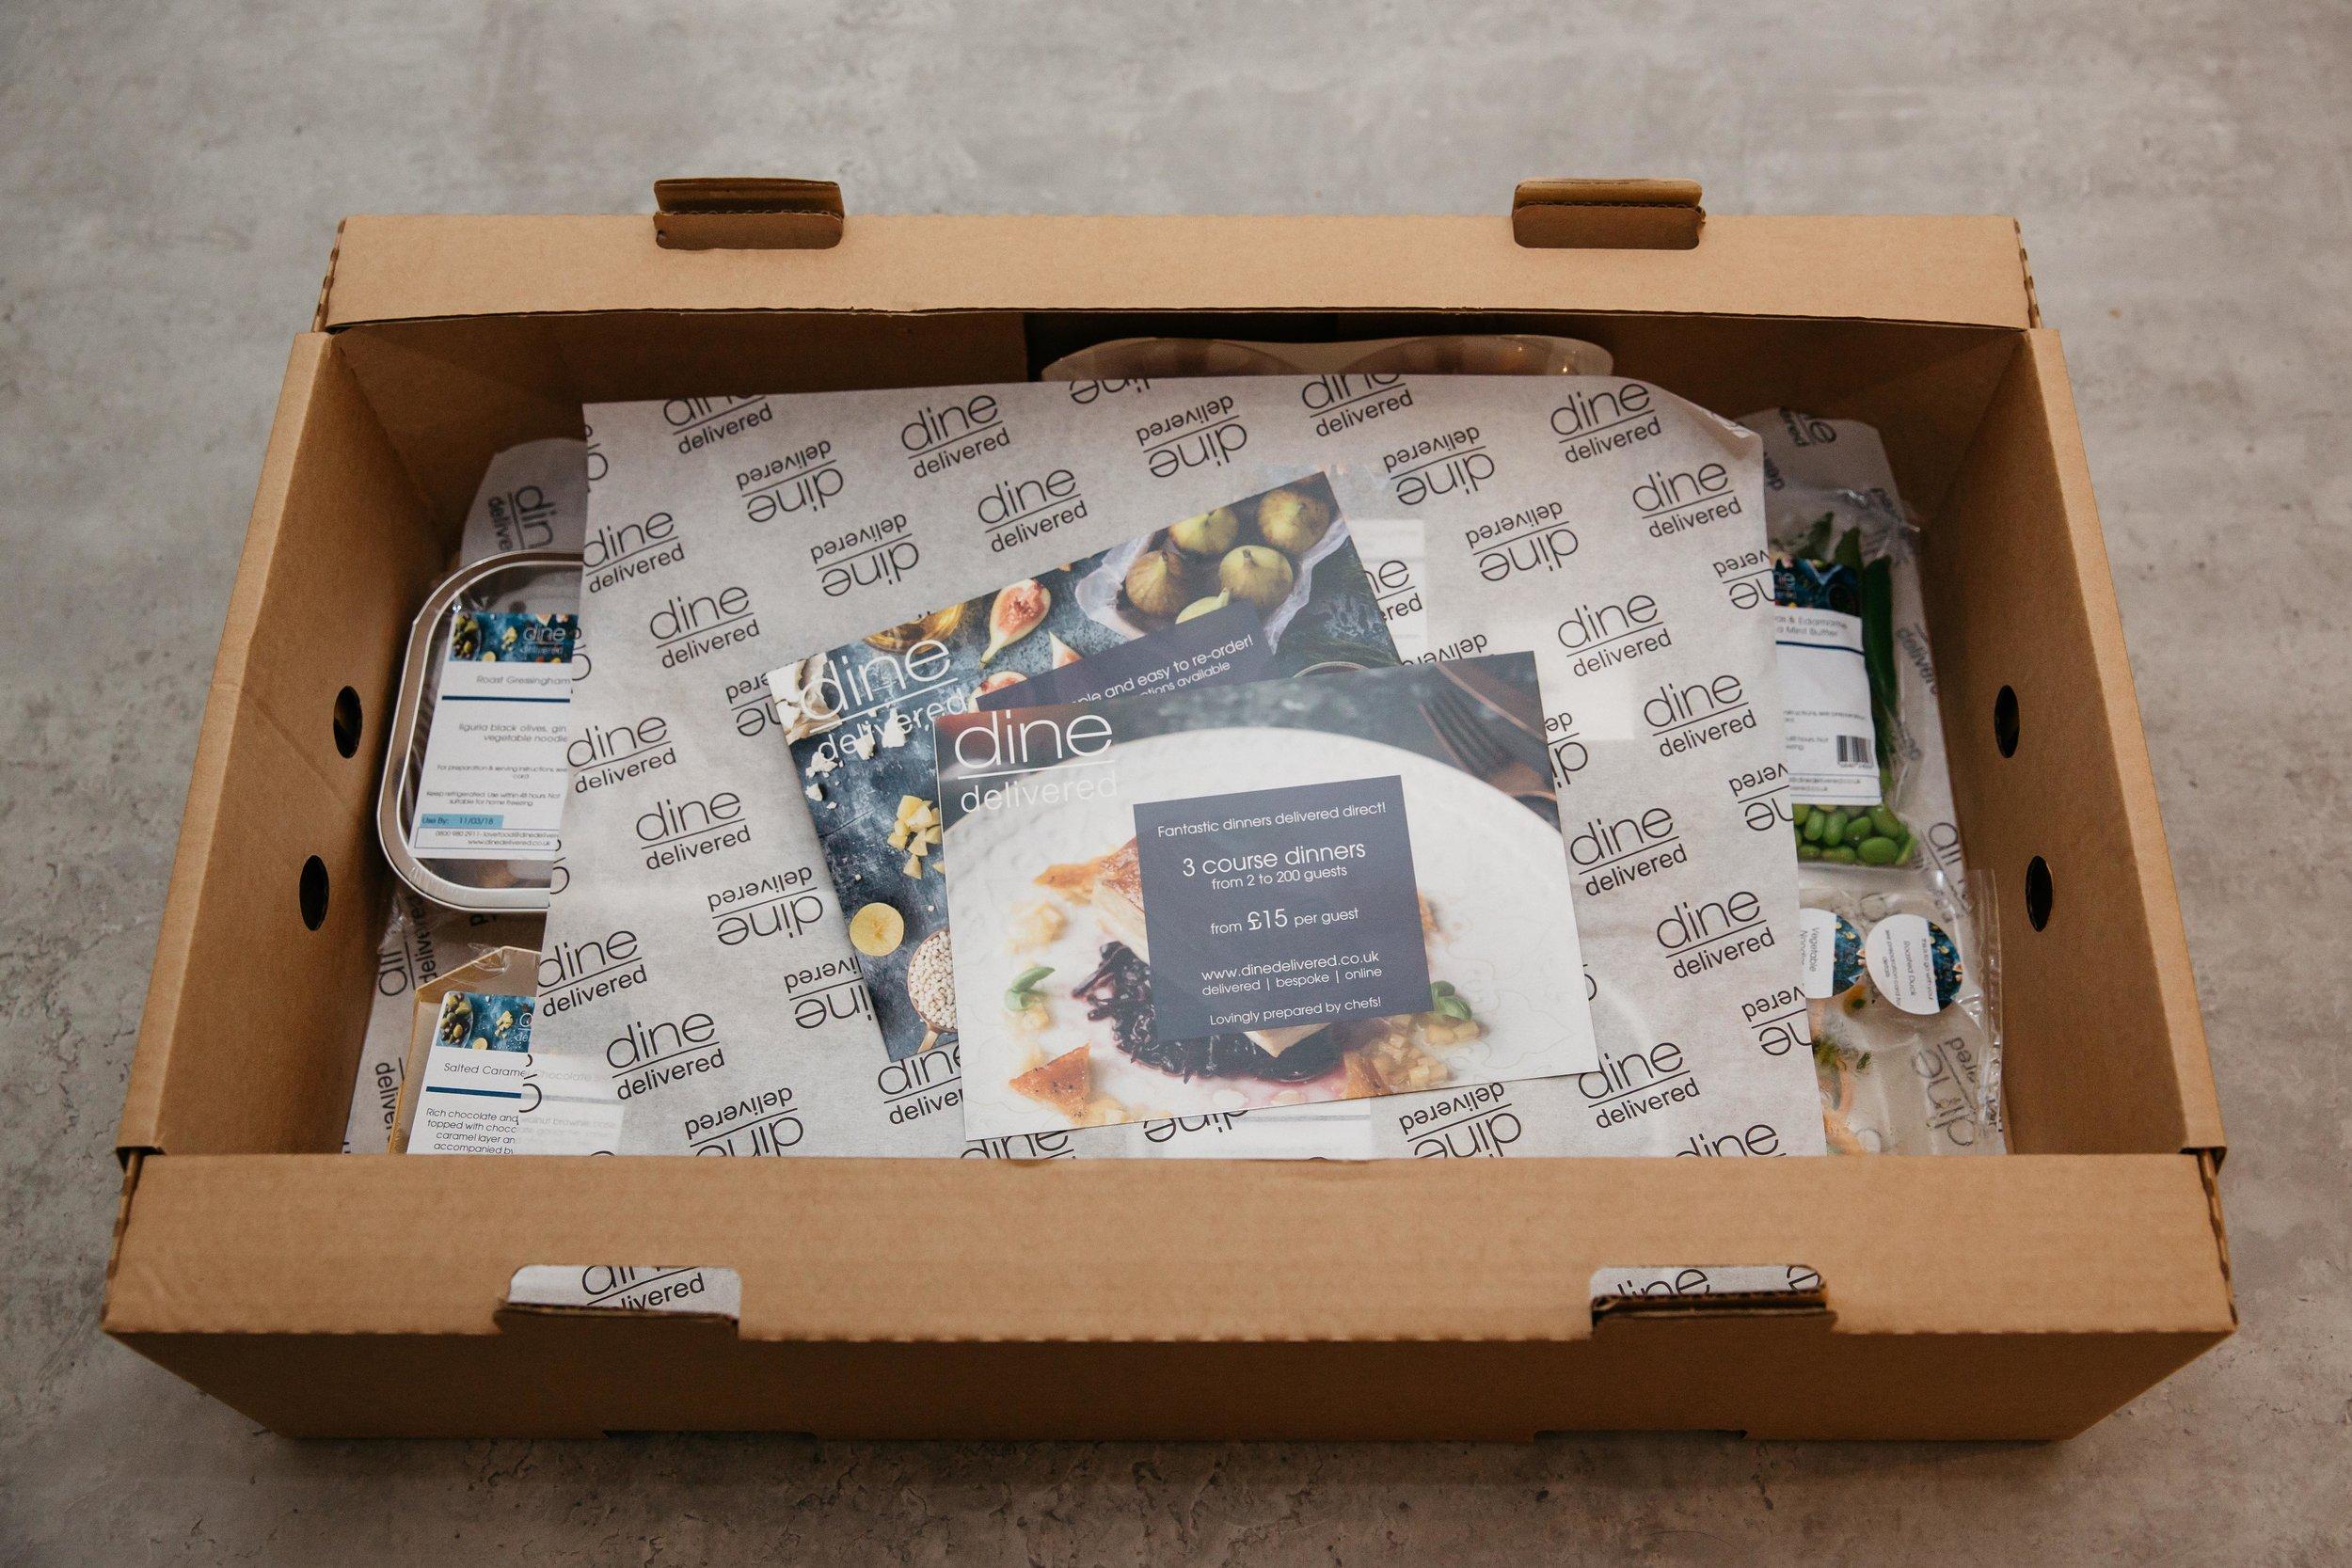 Dine Delivered box of food